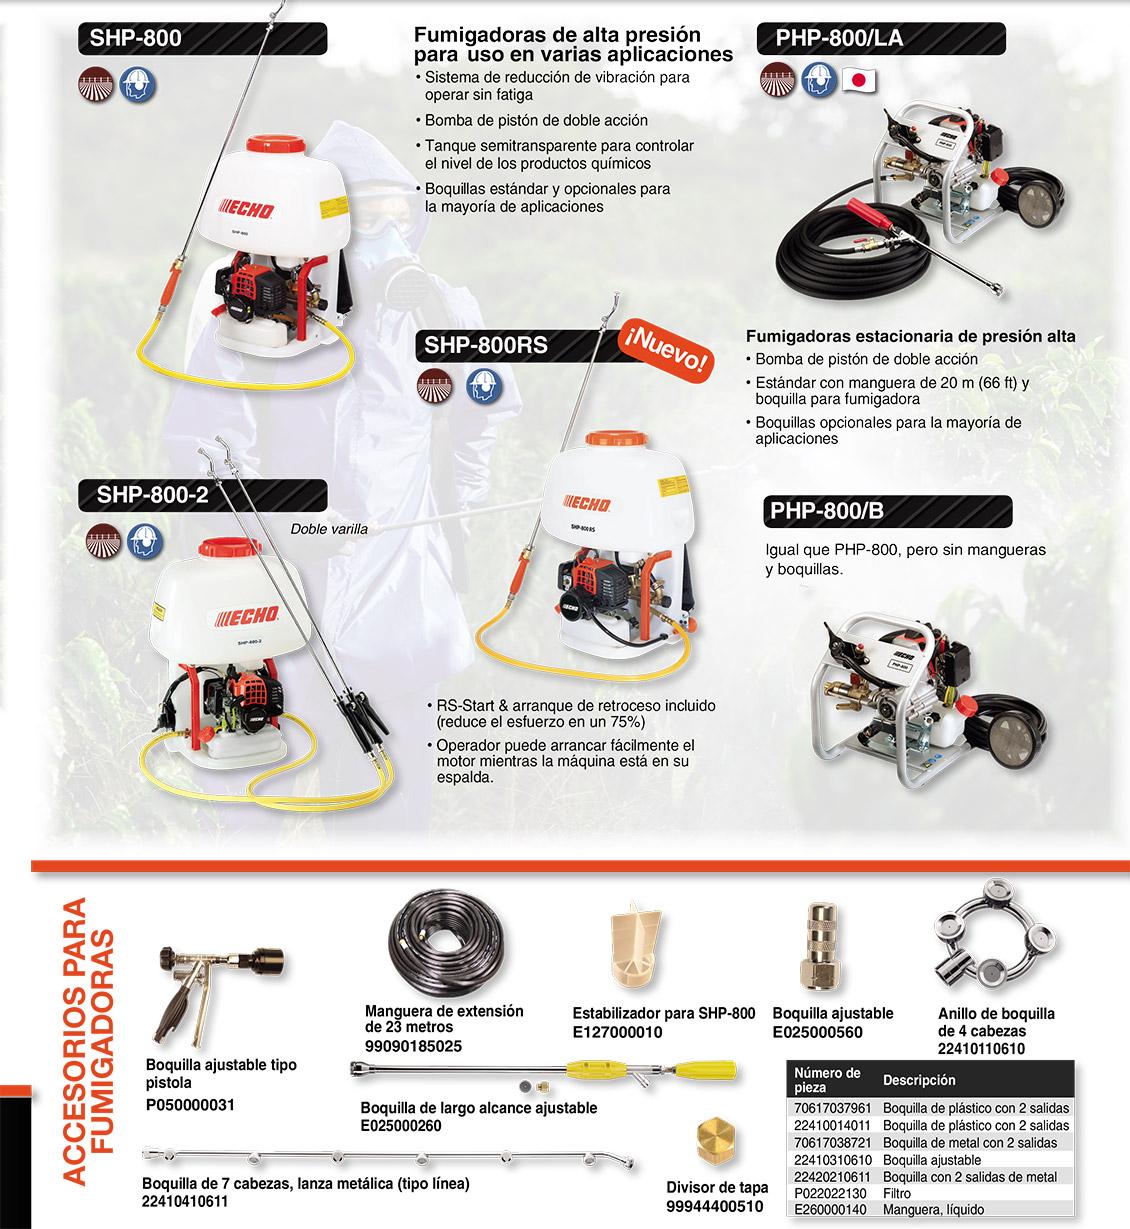 Fumigadoras-motorizadas-echo2